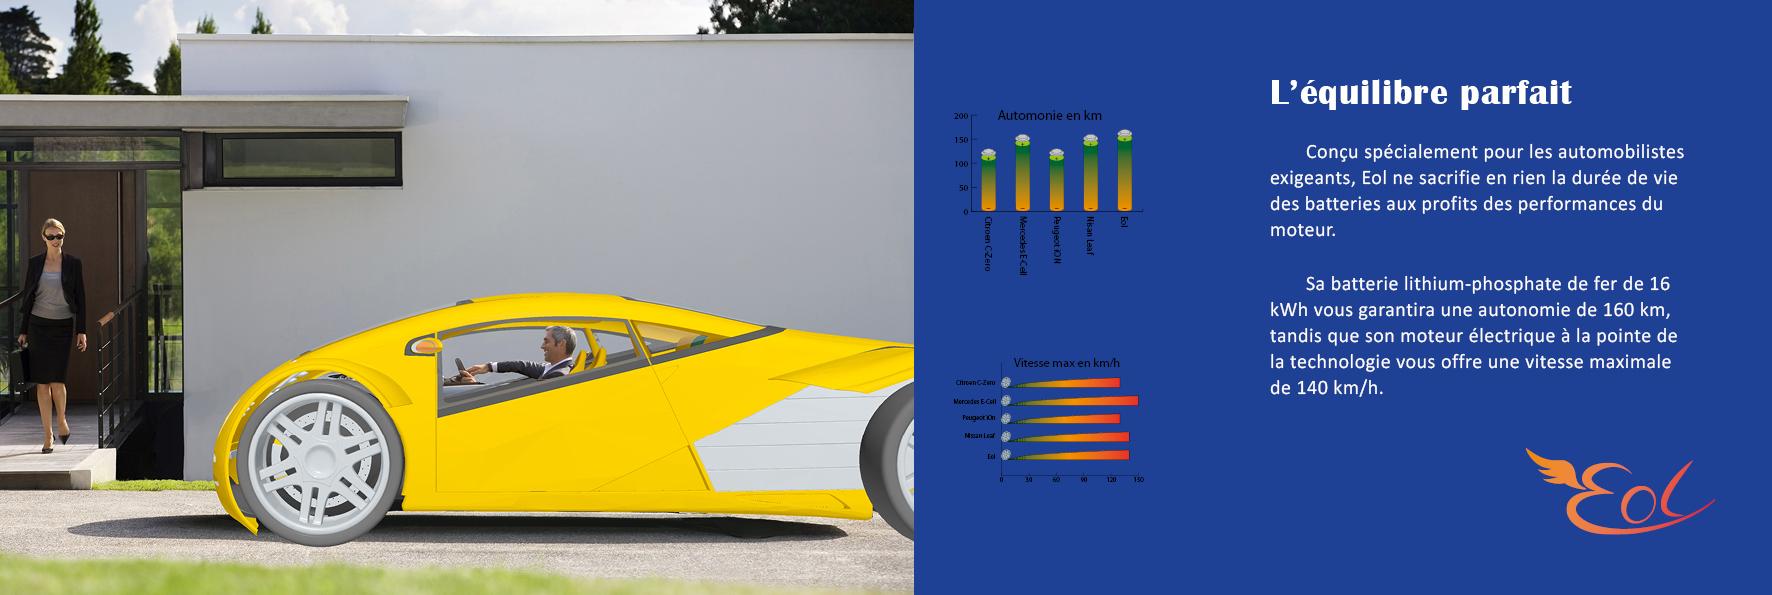 brochure voiture électrique page intérieur